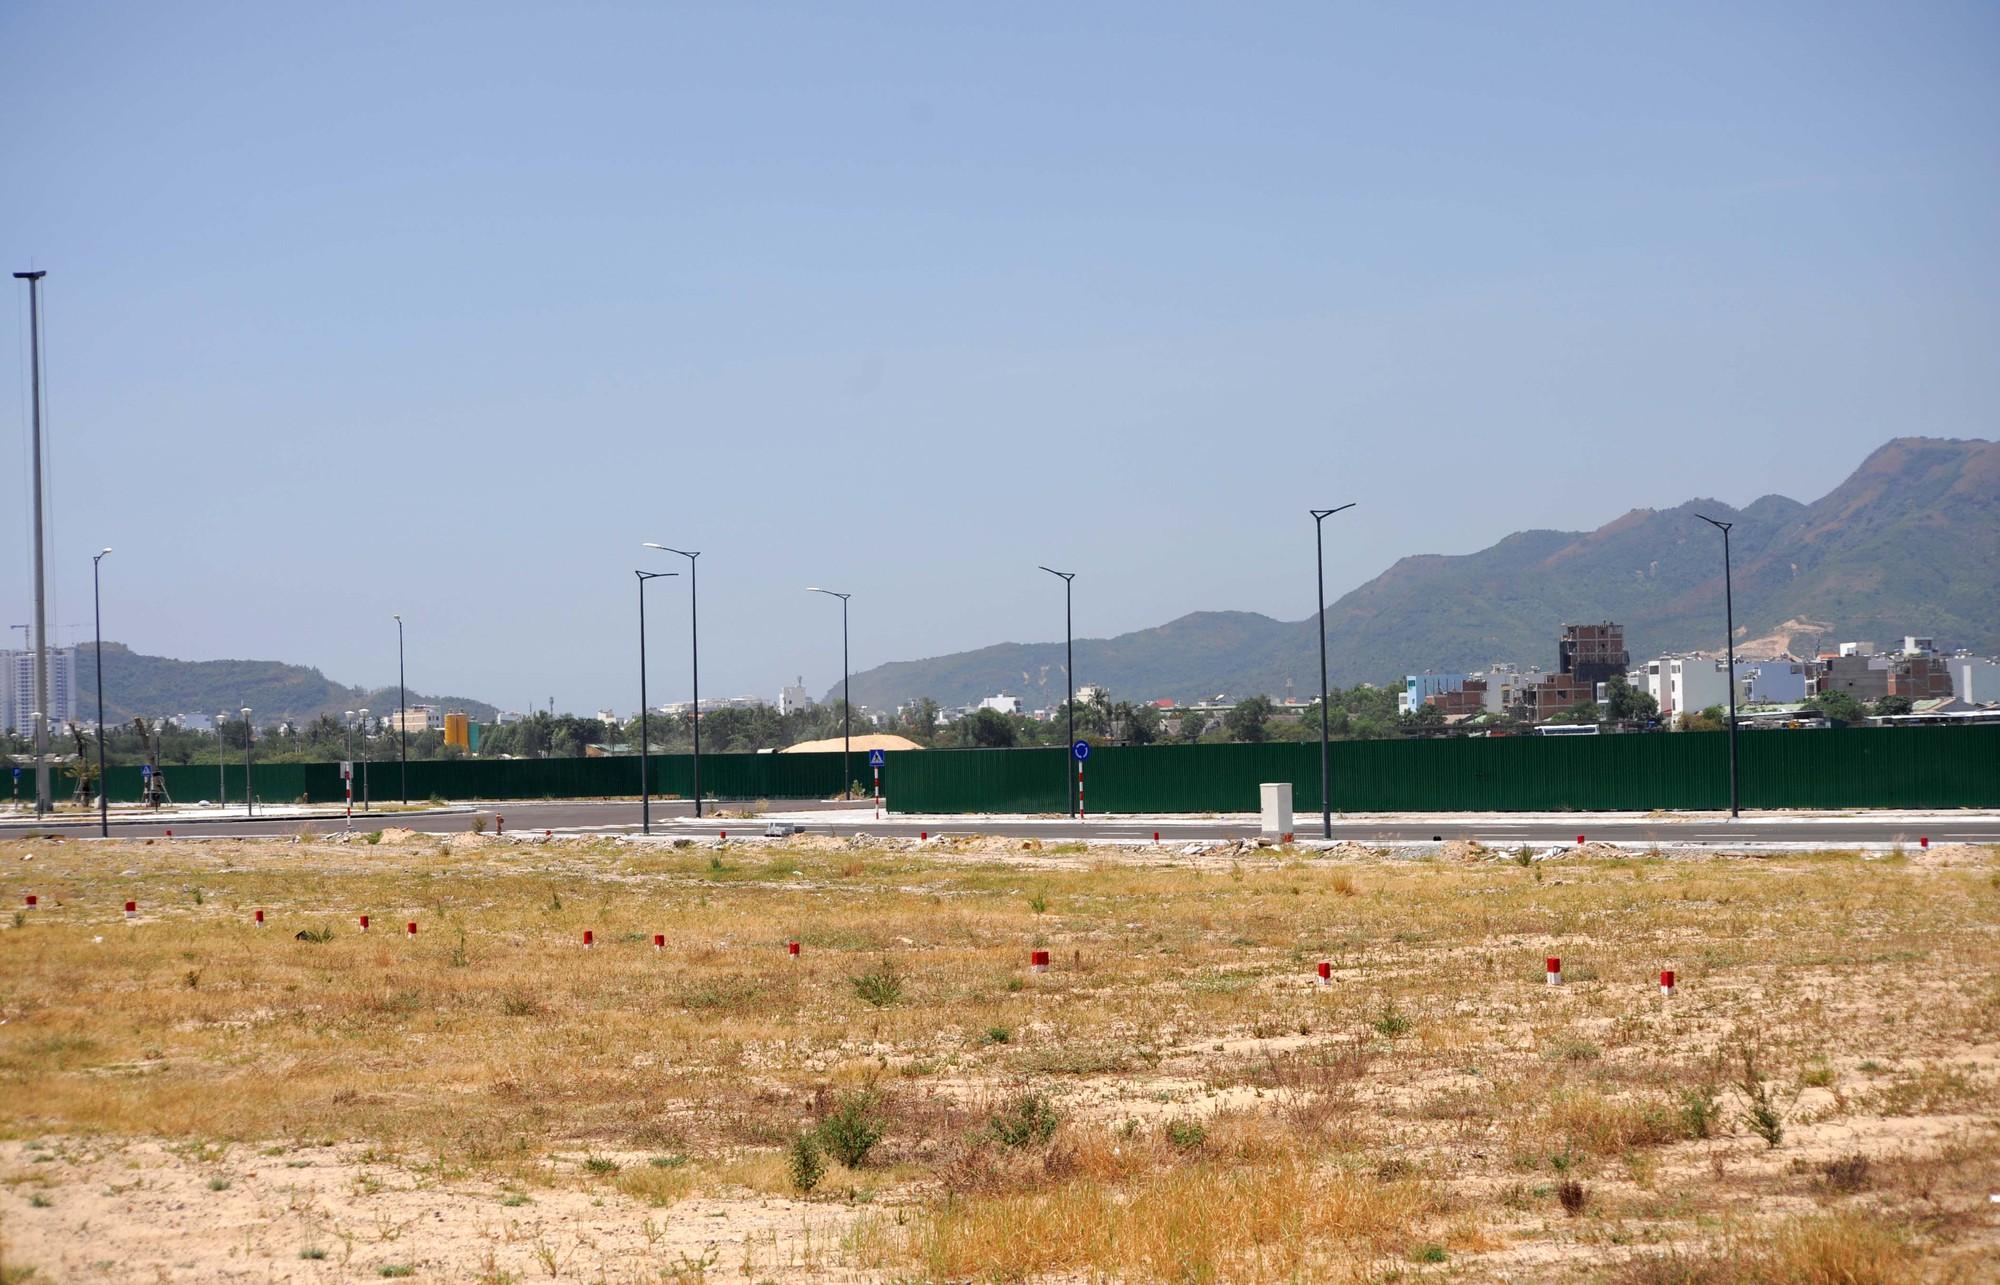 Cận cảnh dự án BT của Tập đoàn Phúc Sơn tại sân bay Nha Trang cũ  - Ảnh 2.